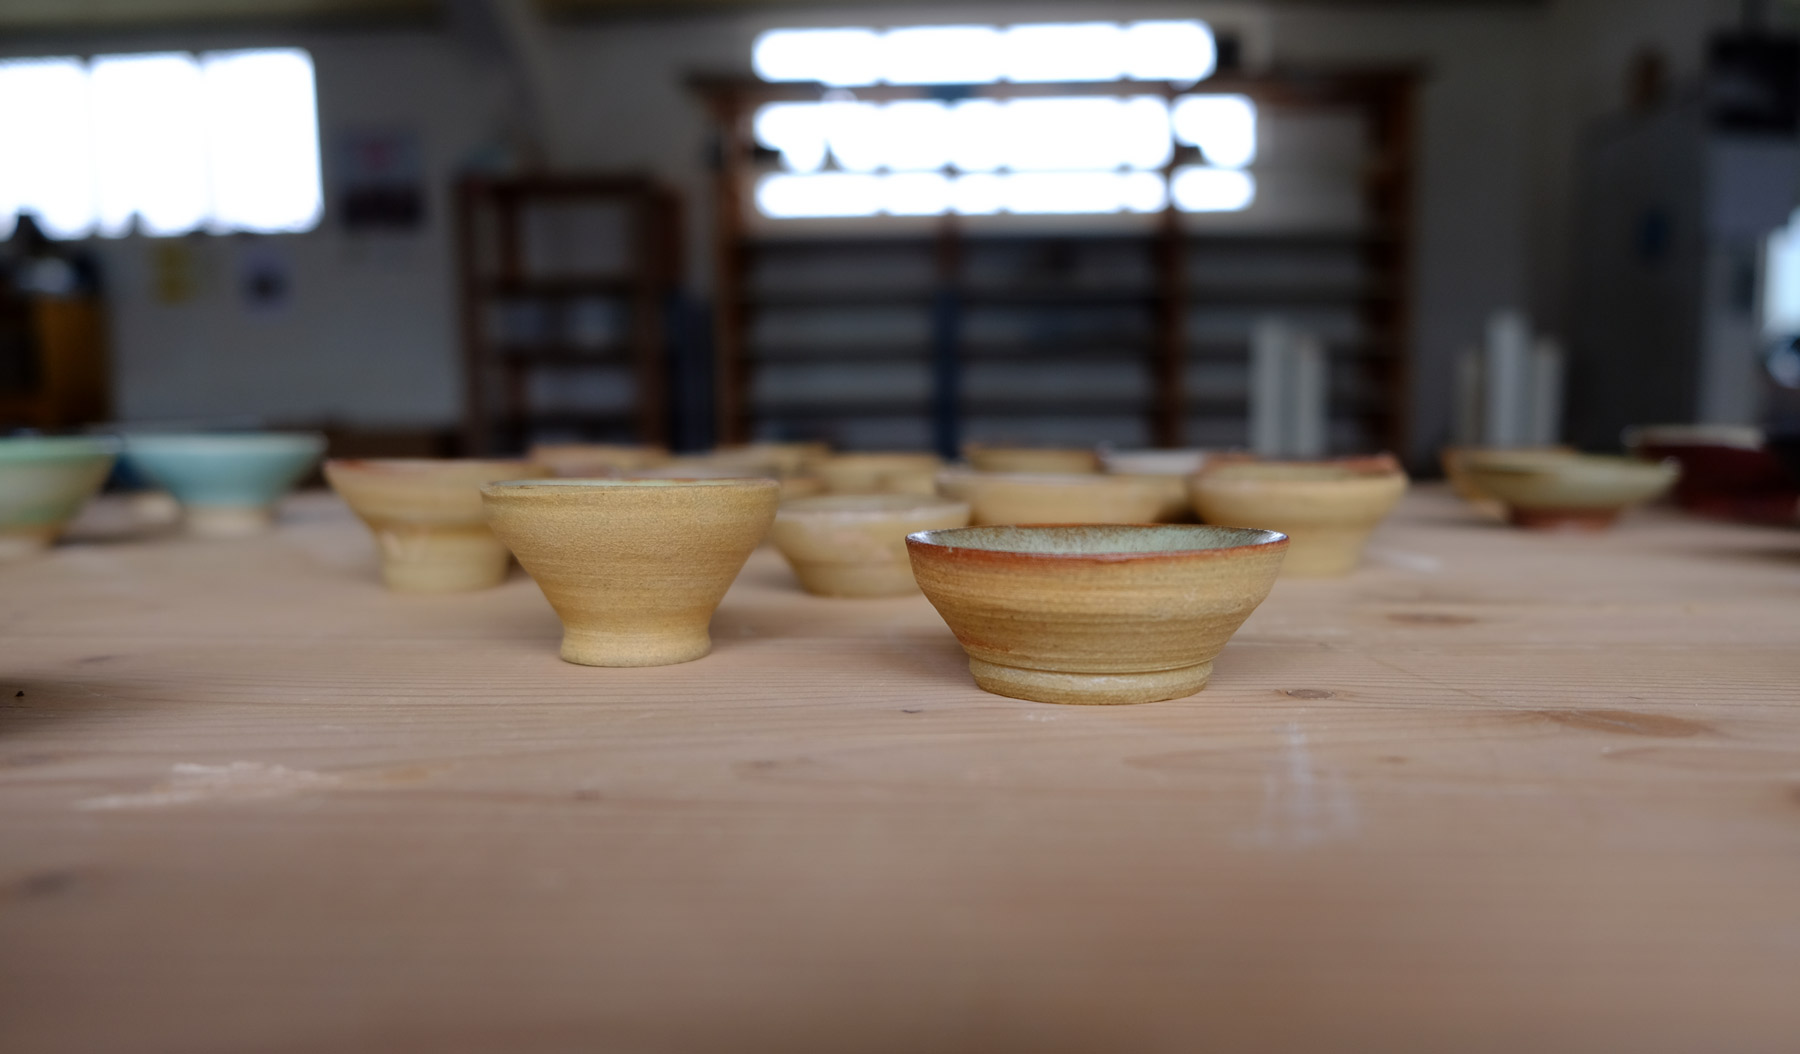 keramika - klei zeemvel